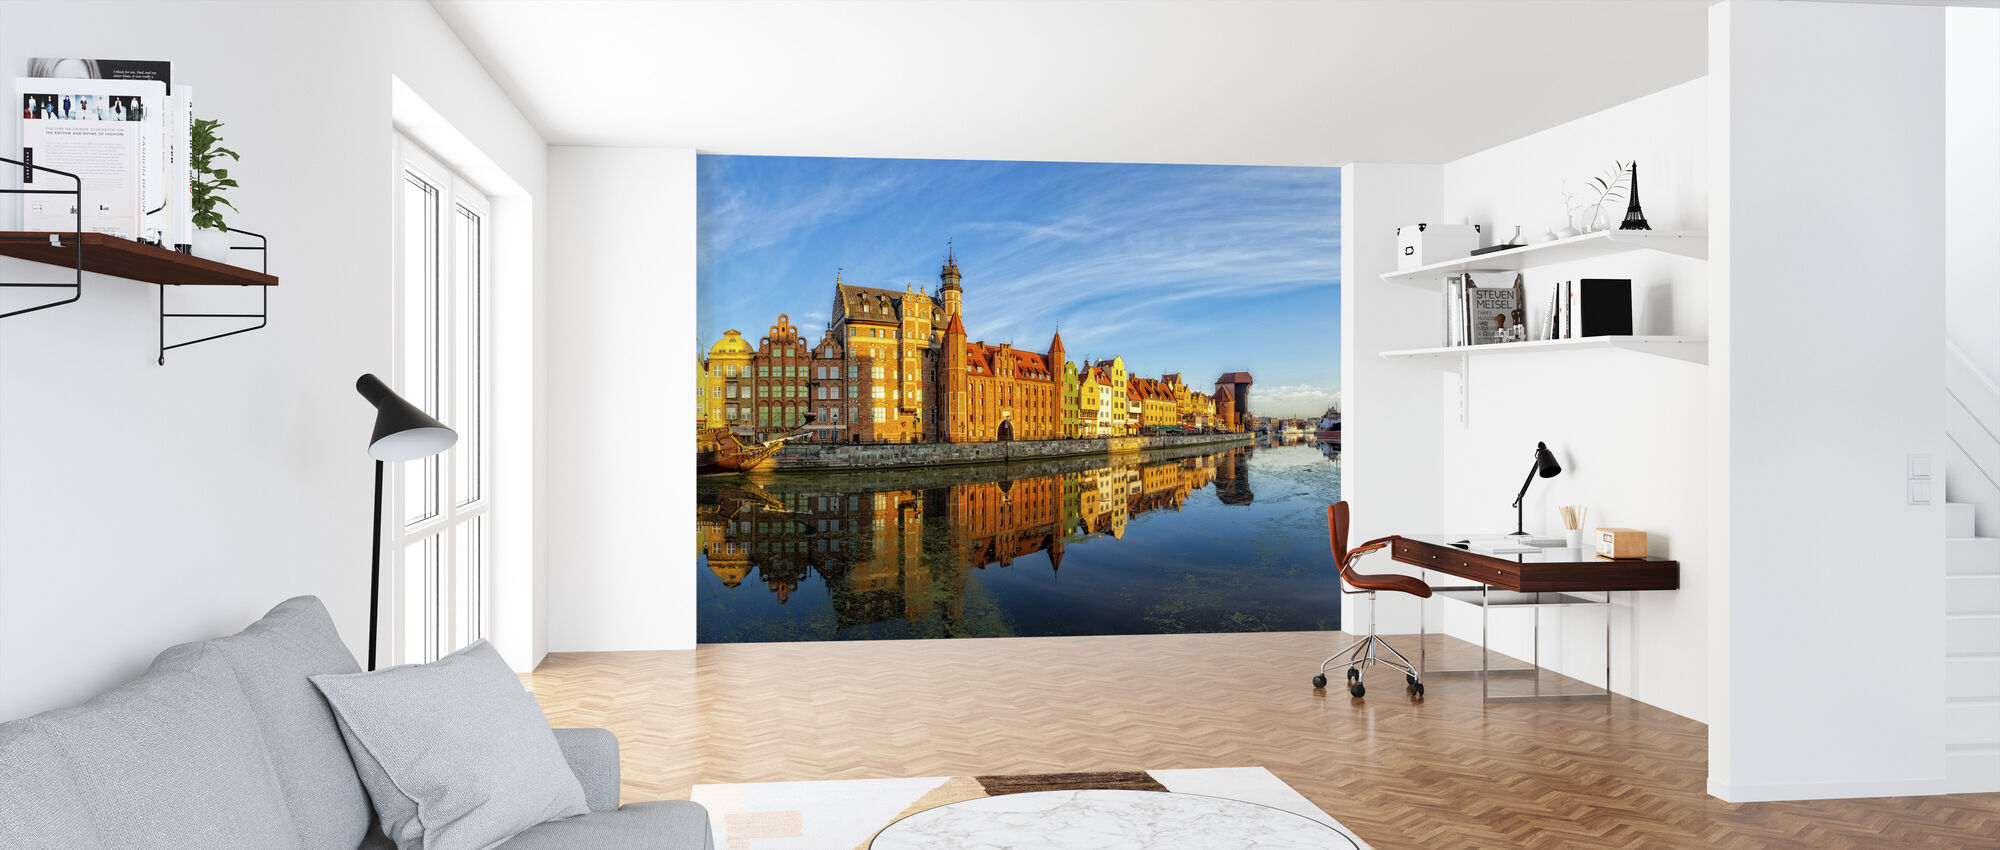 Riverside of Gdansk - Wallpaper - Office